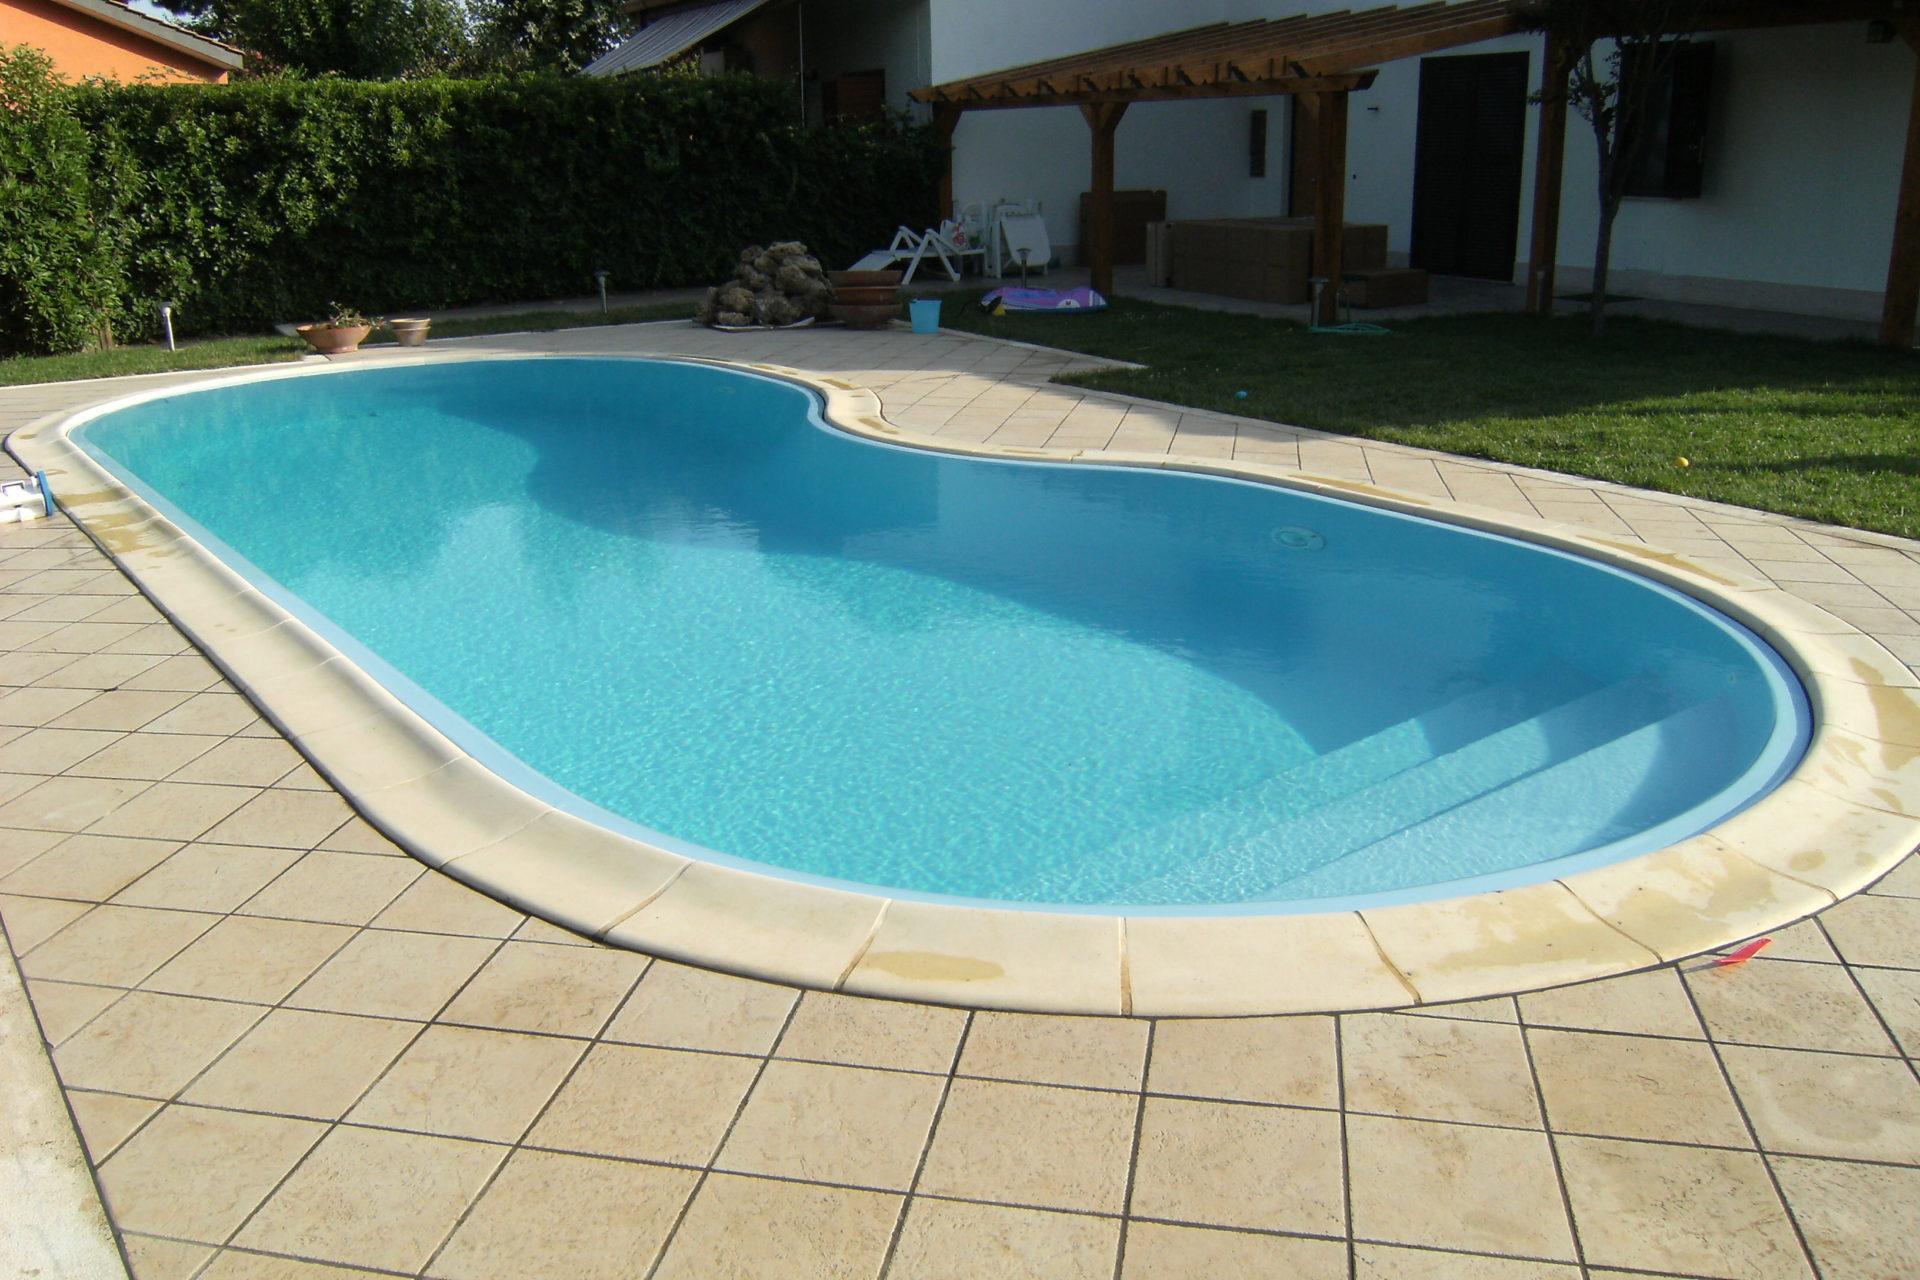 Capua 1000 oasi blu piscine for 1000 piscine